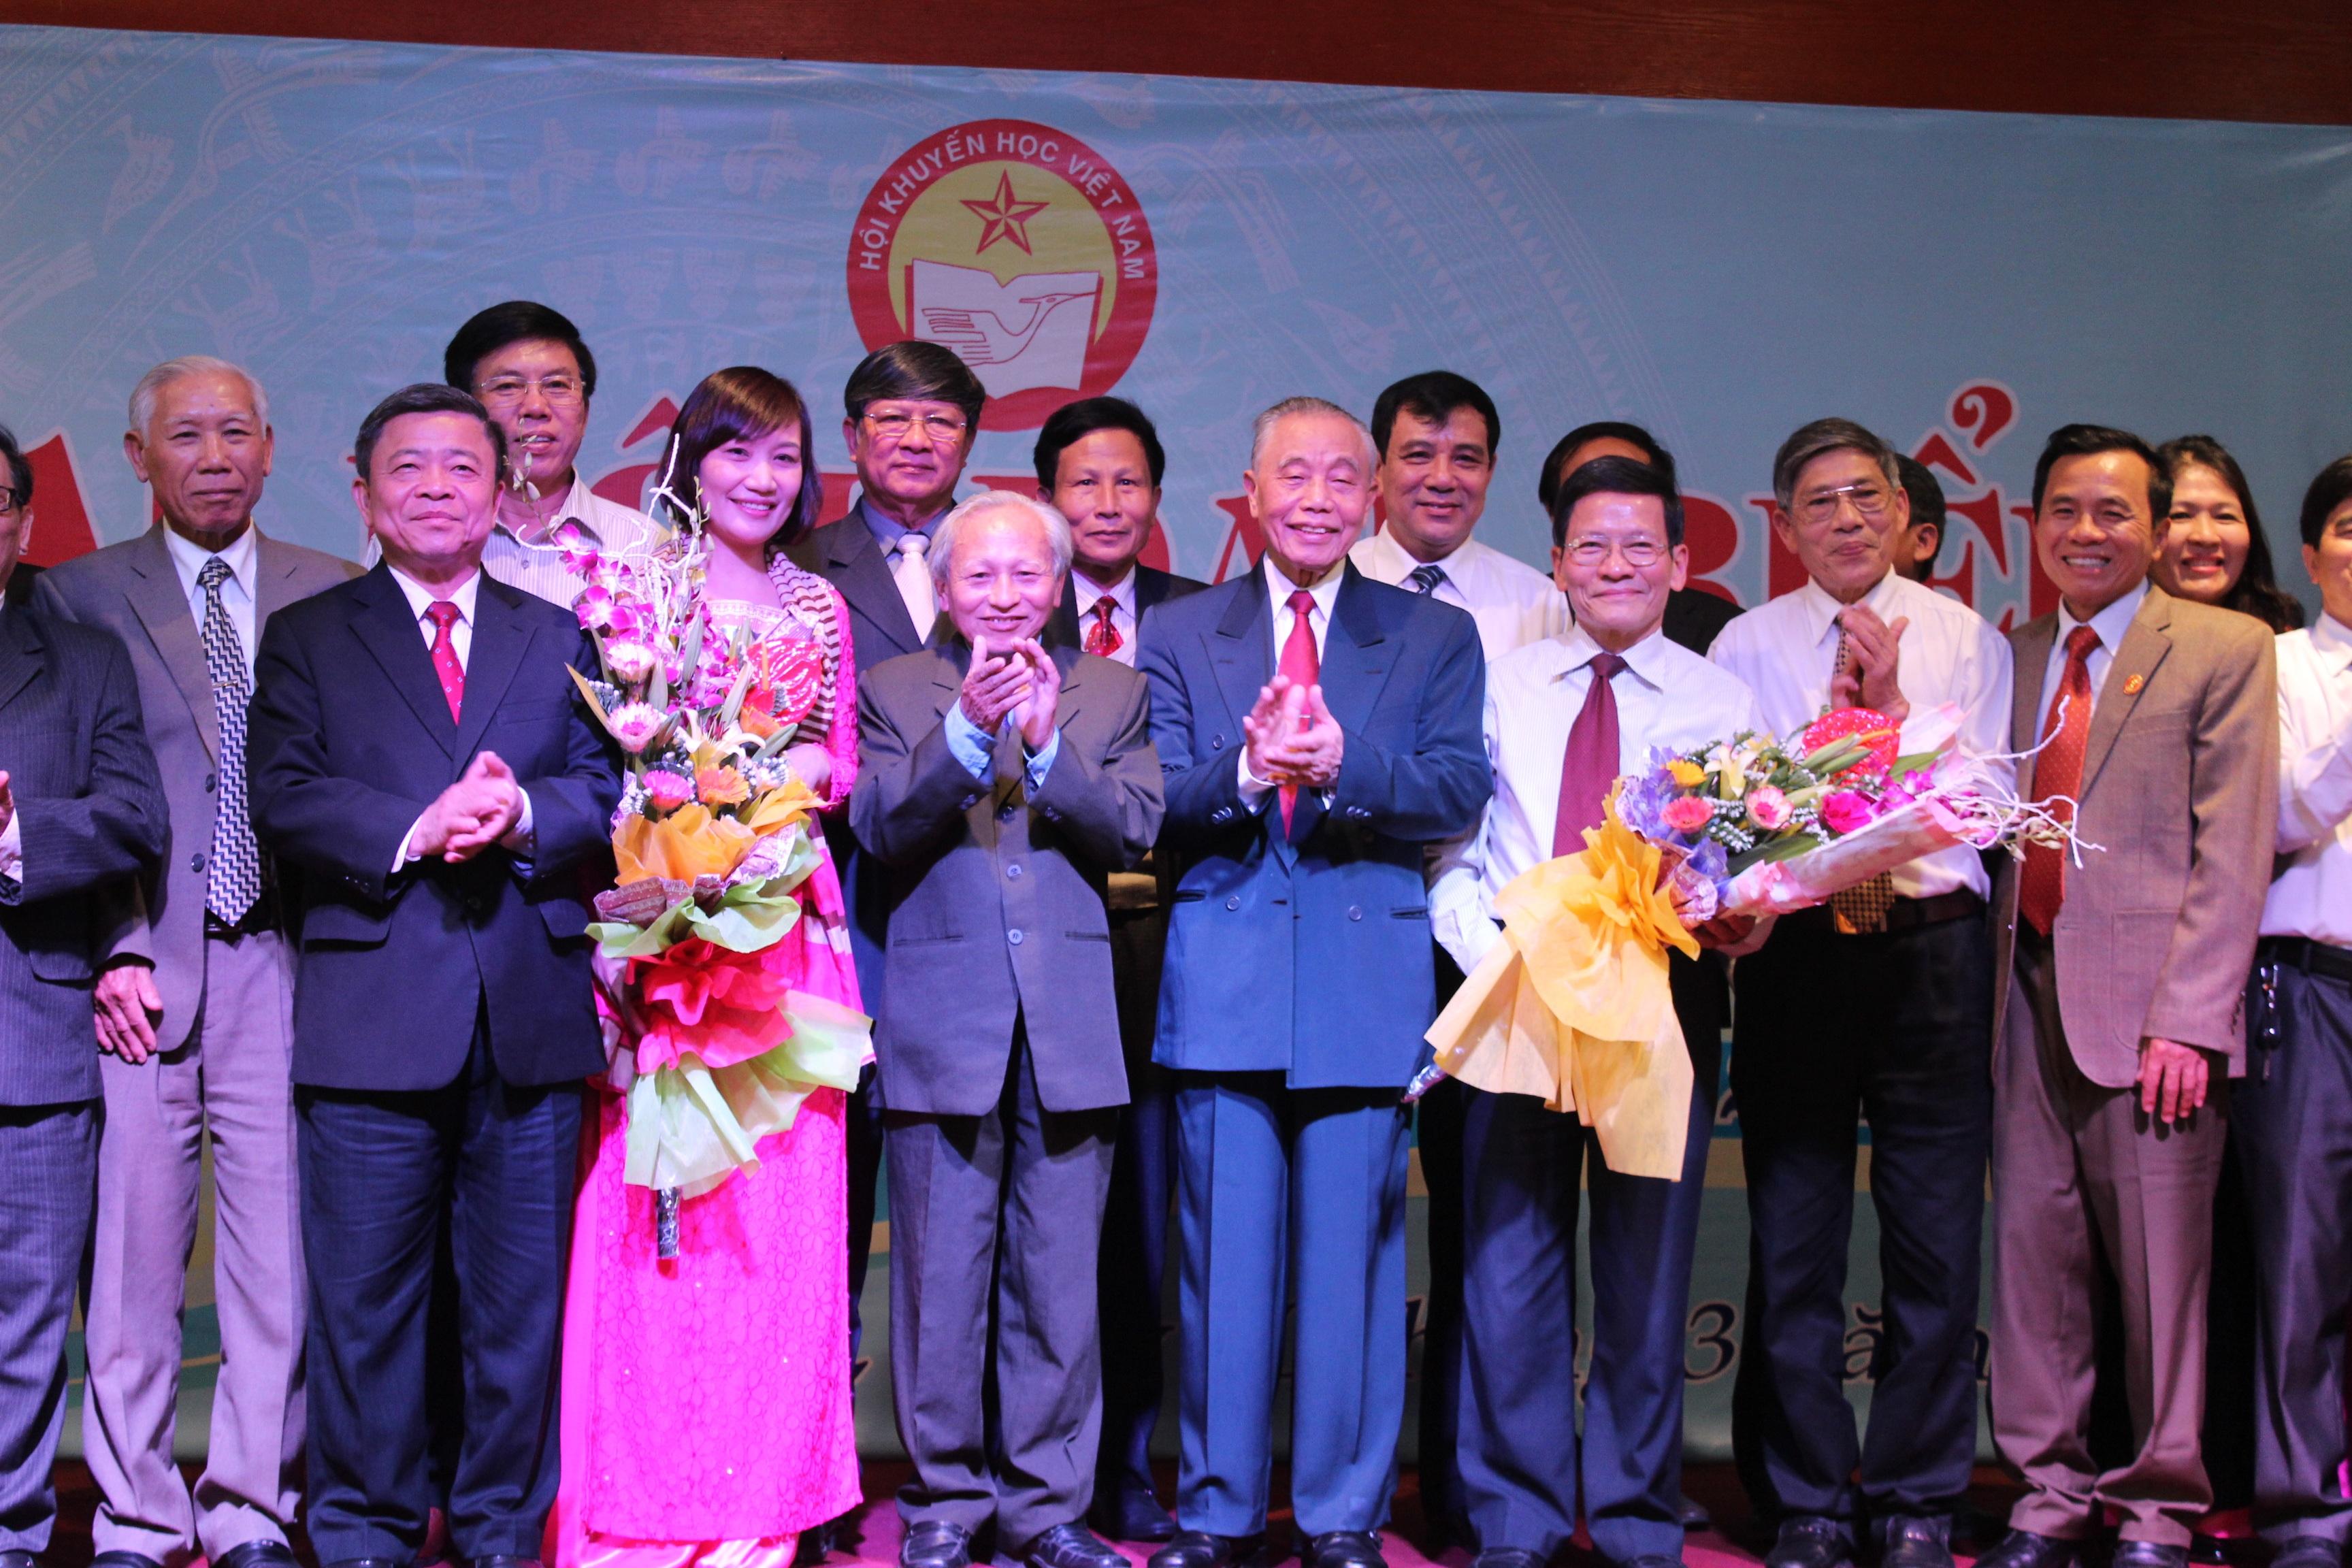 Ông Nguyễn Mạnh Cầm và ông Võ Kim Cự tặng hoa cho các ủy viên BCH khóa V